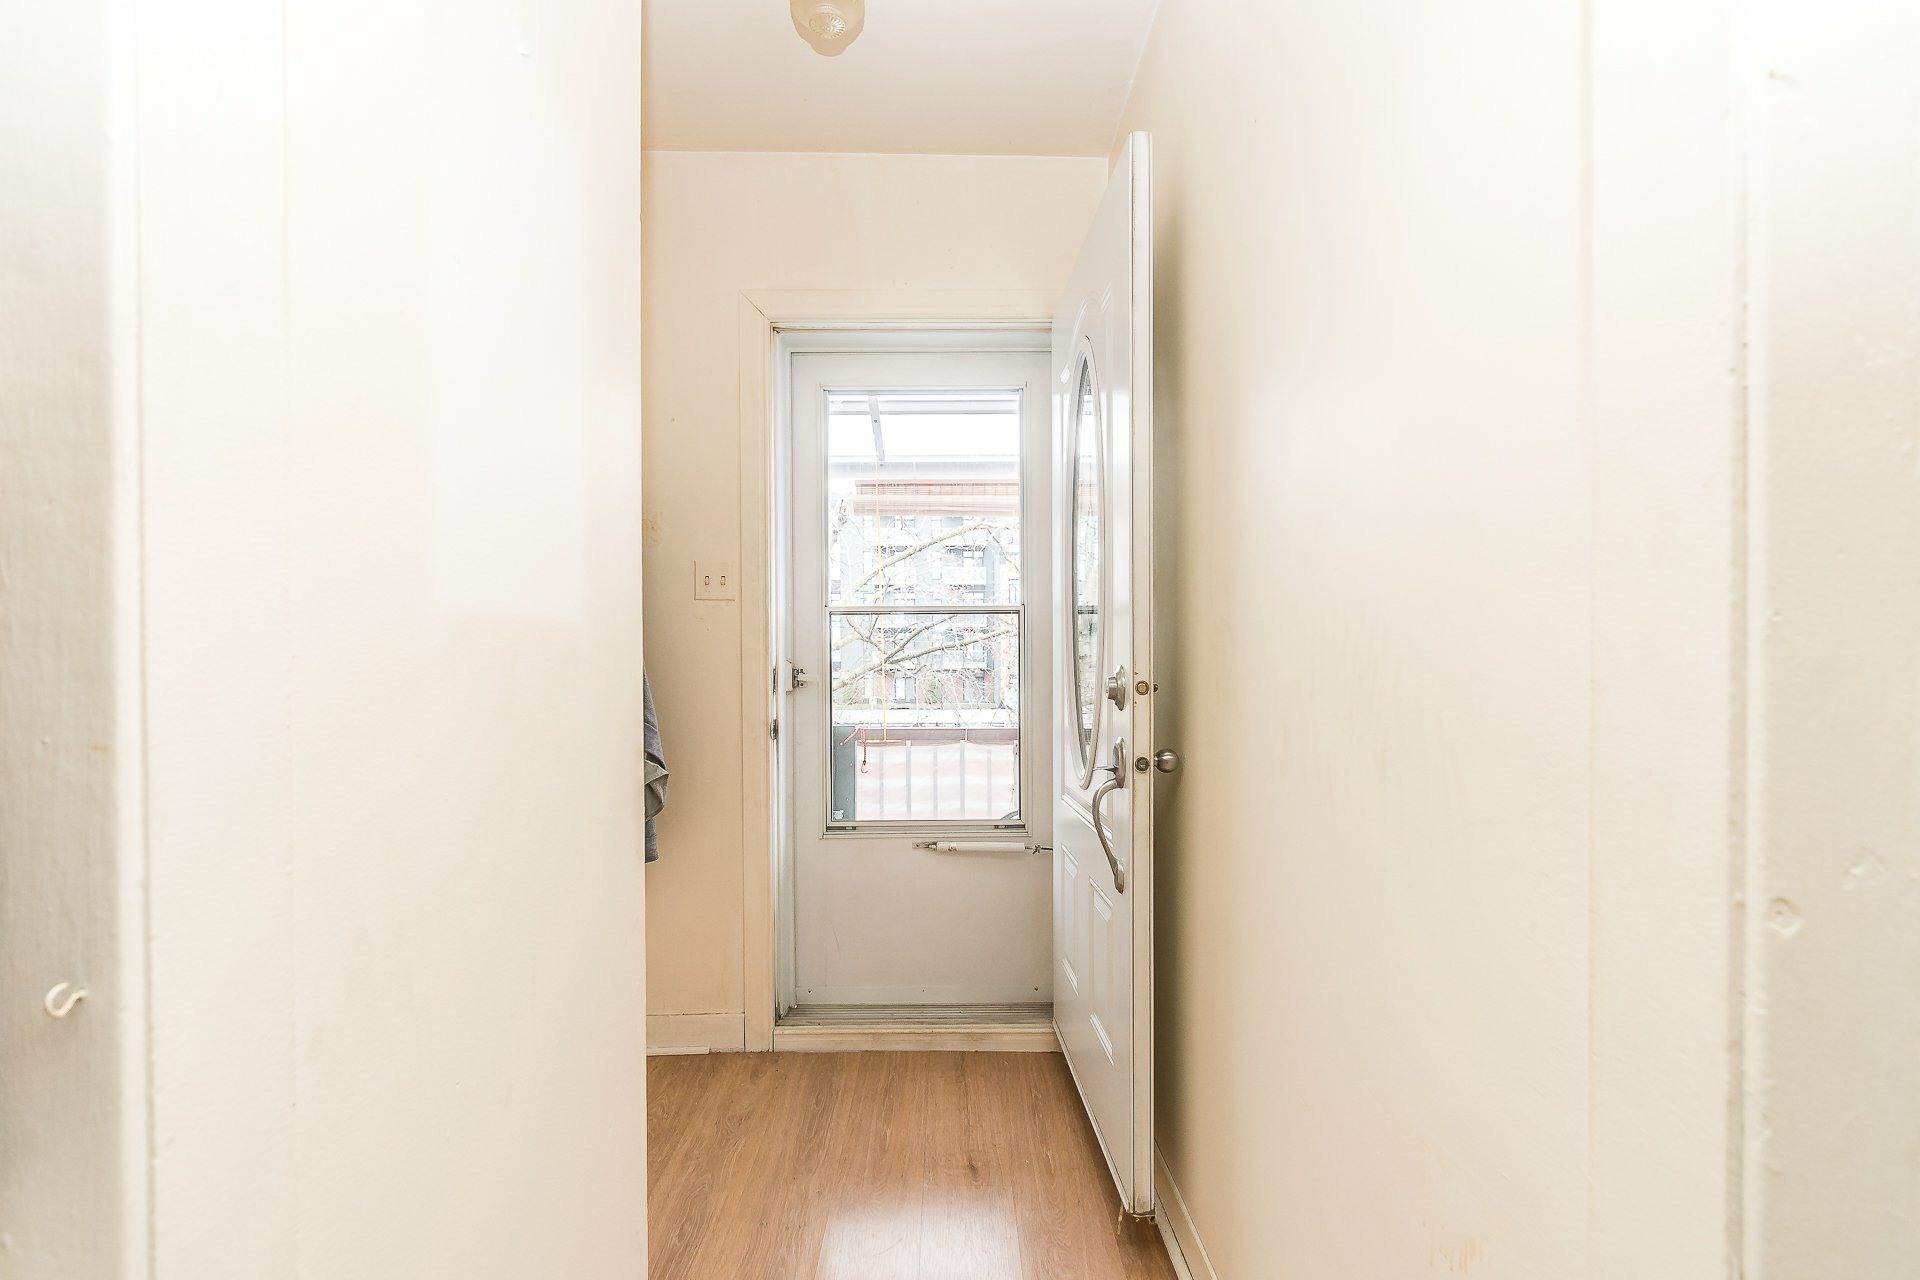 image 22 - 复式 出售 Montréal Lachine  - 3 室